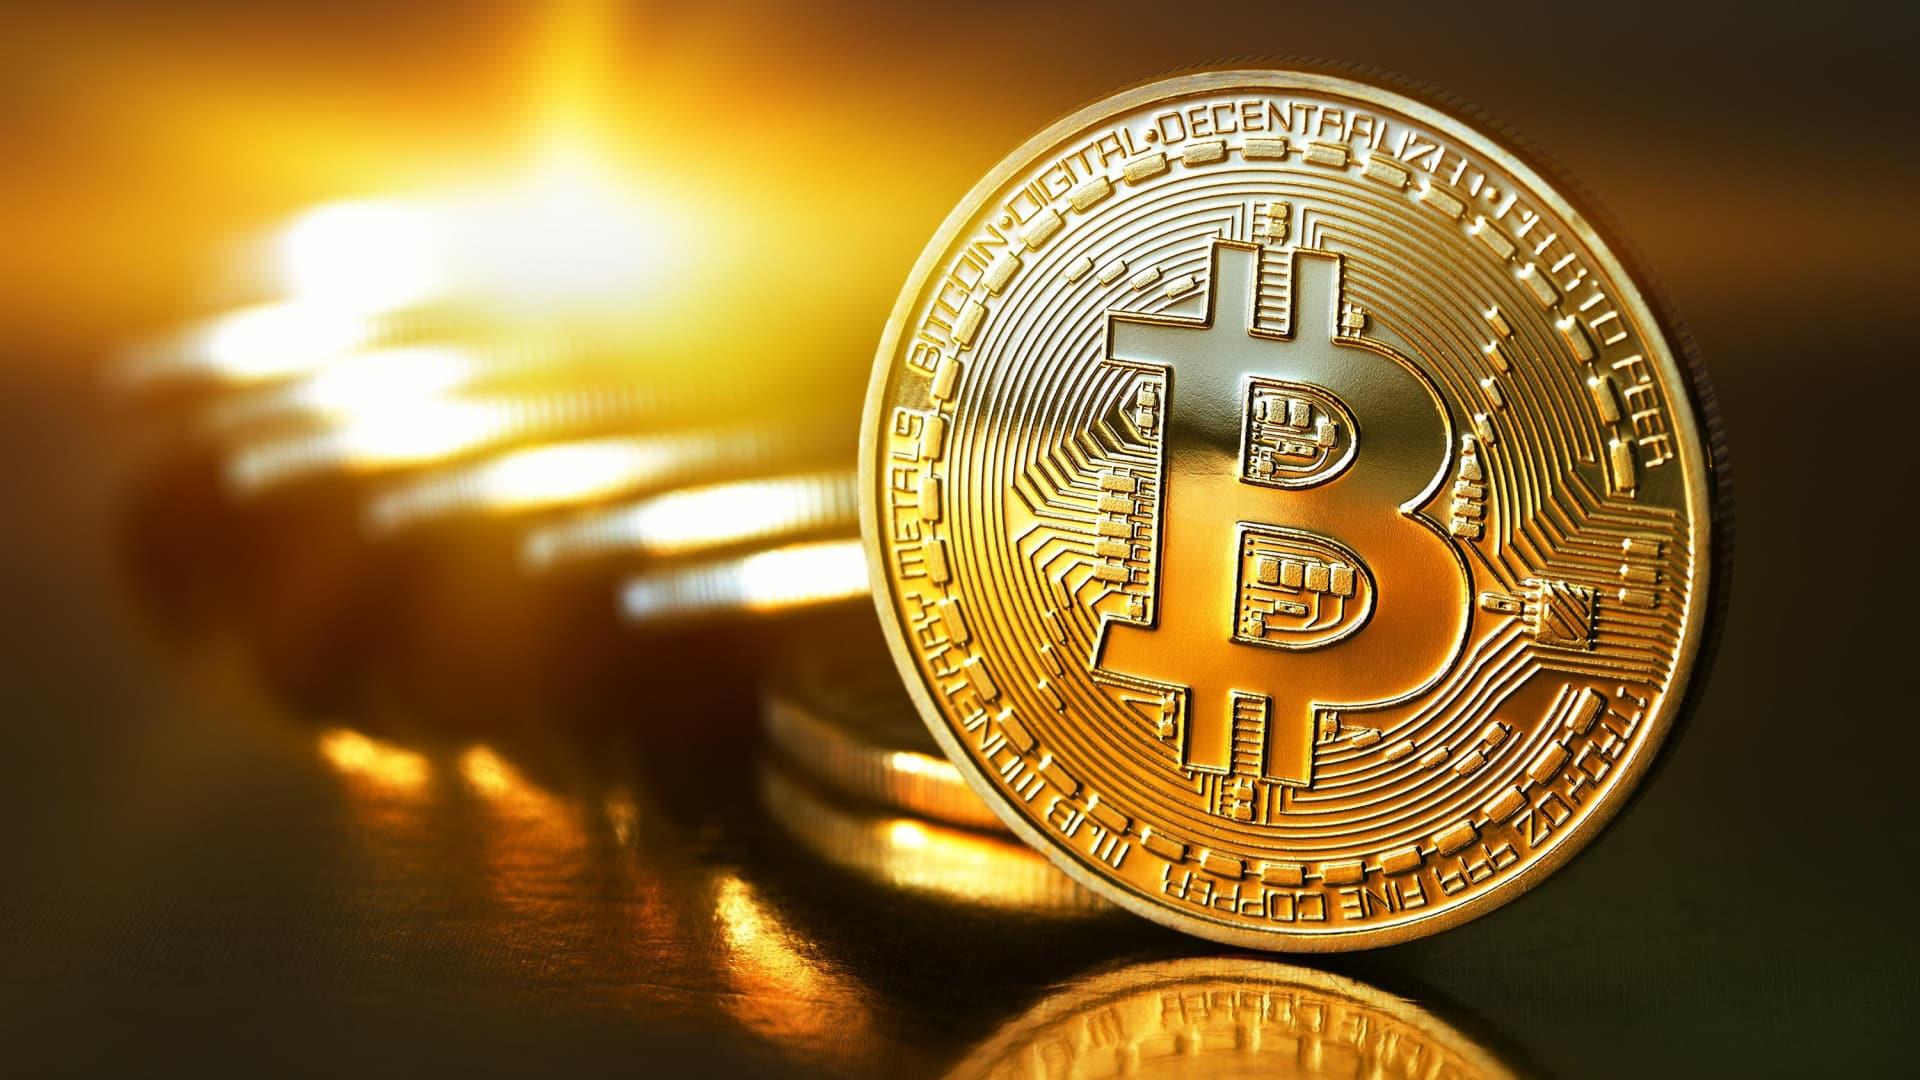 Люди будут массово покупать BITCOIN, потому что золото сейчас в большом дефиците!